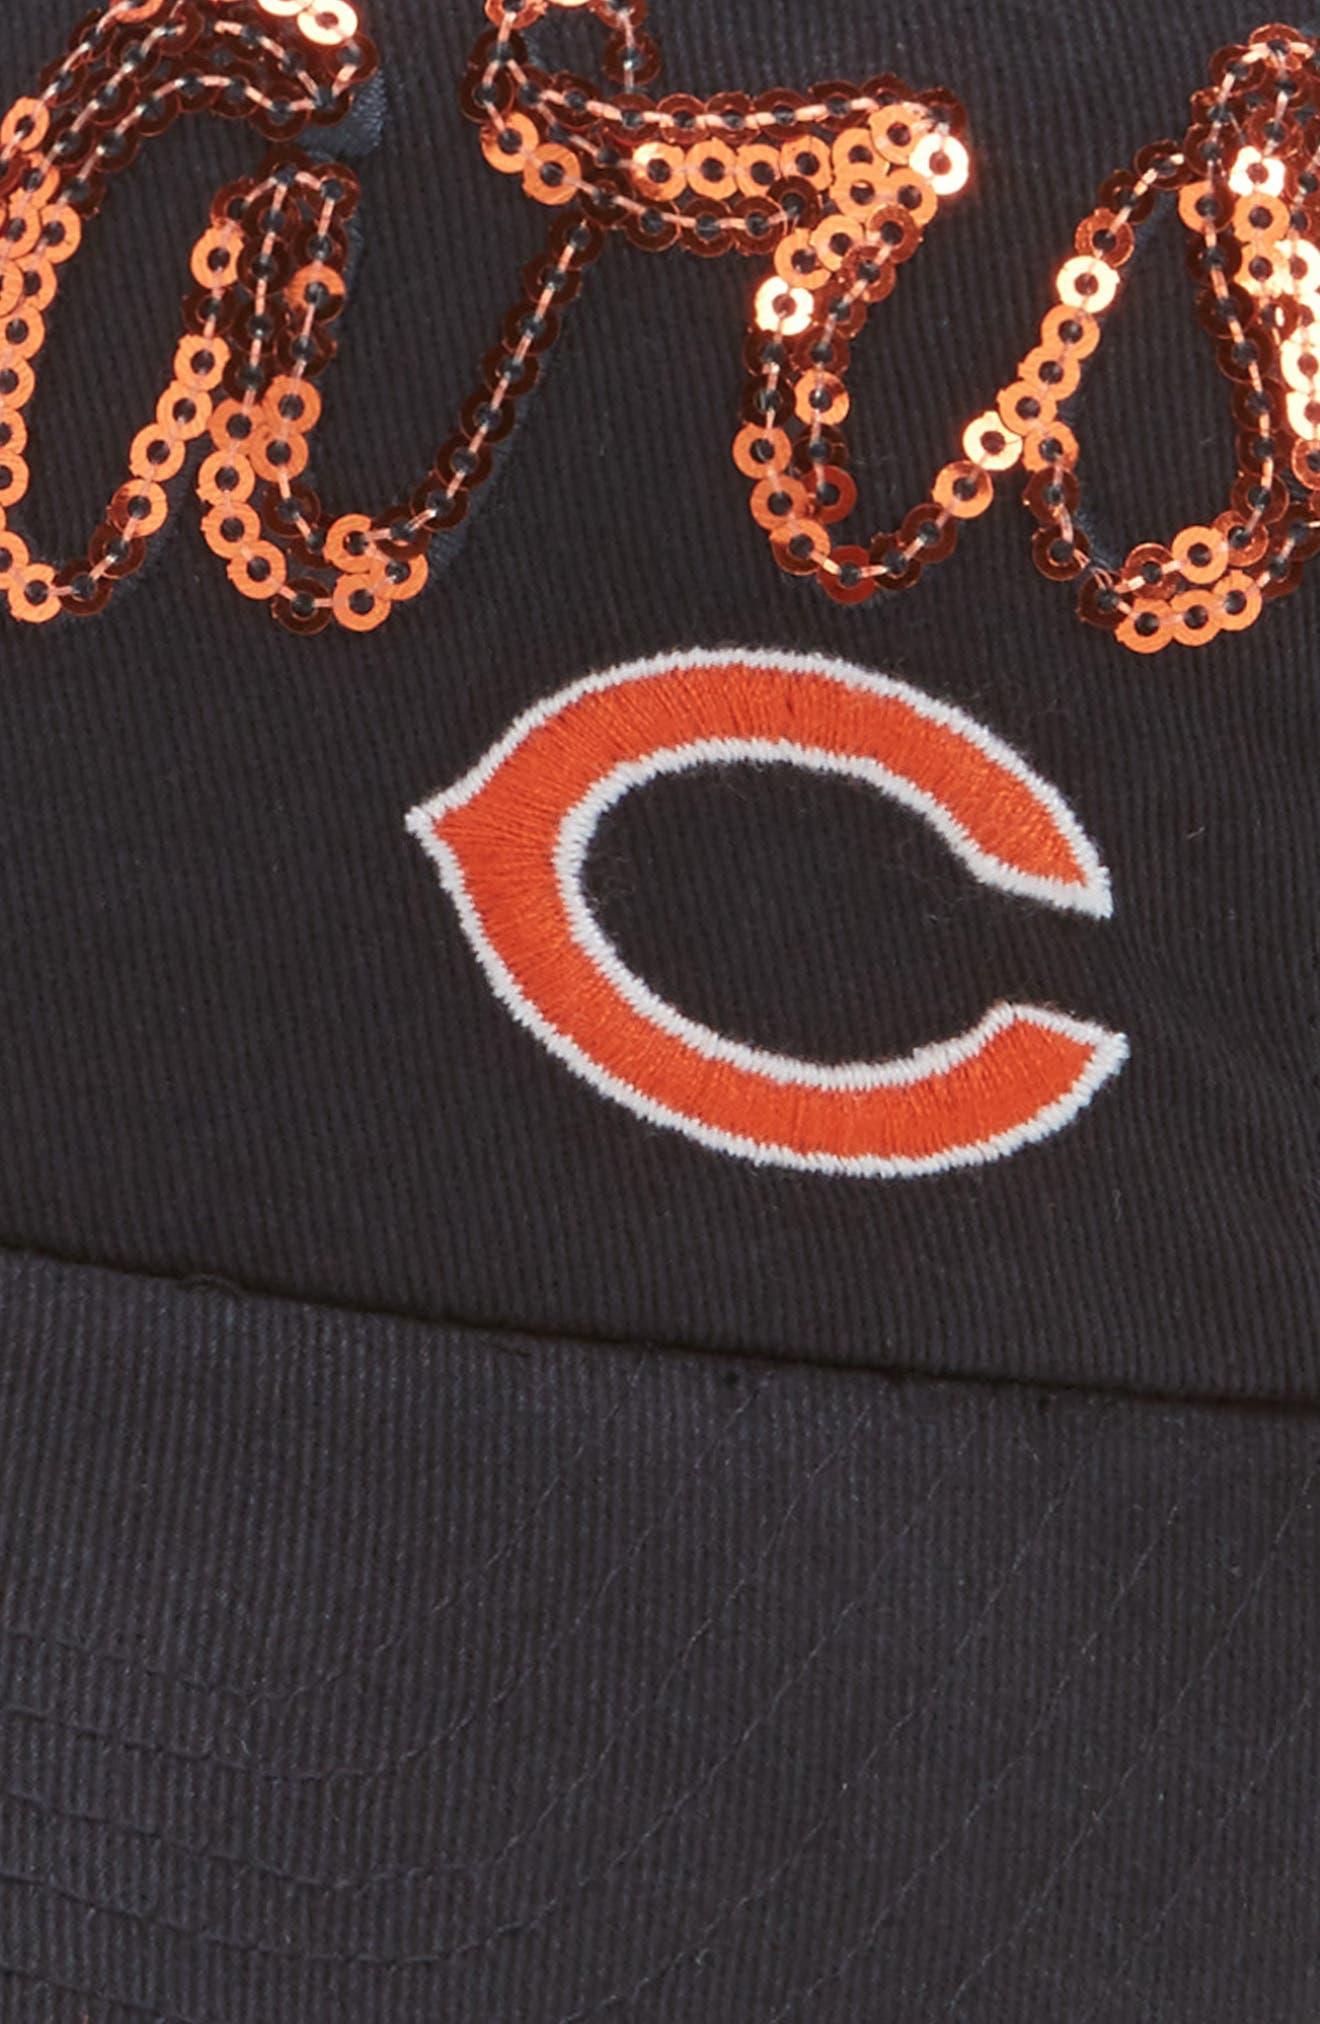 Chicago Bears Sparkle Cap,                             Alternate thumbnail 3, color,                             410